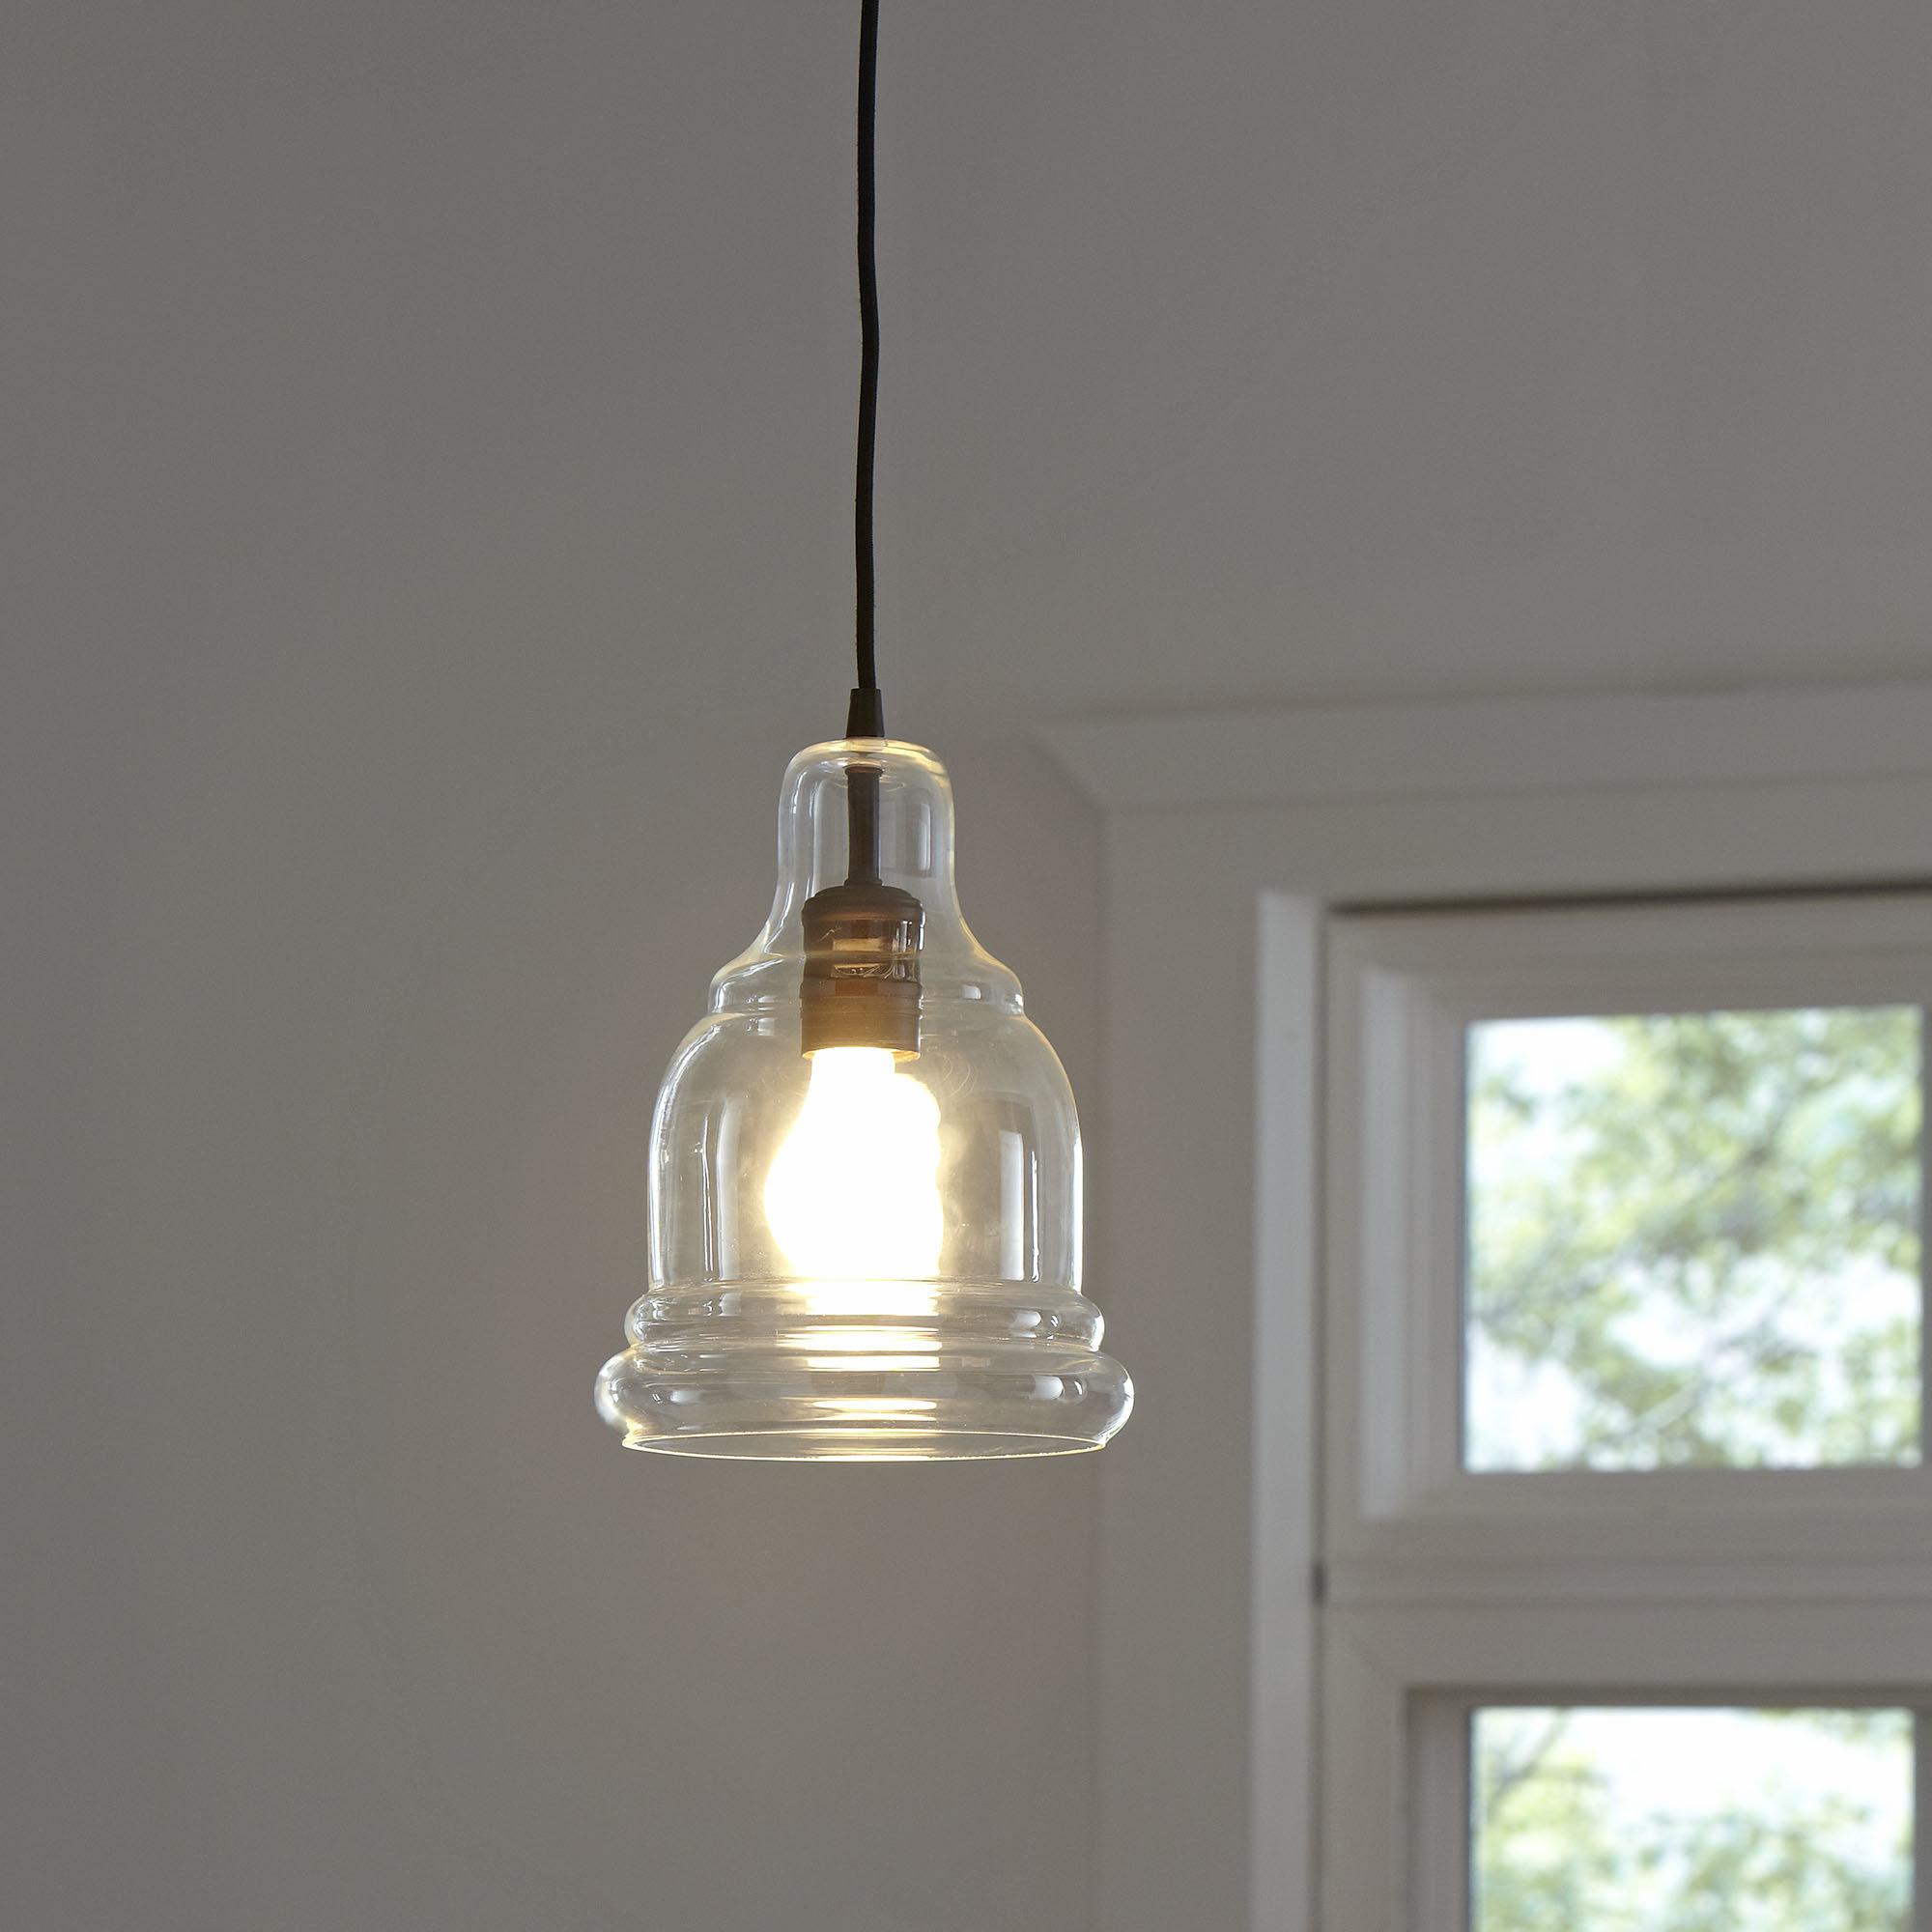 Newest Roslindale 1-Light Single Bell Pendants throughout Rafaello Edison 1-Light Bell Pendant